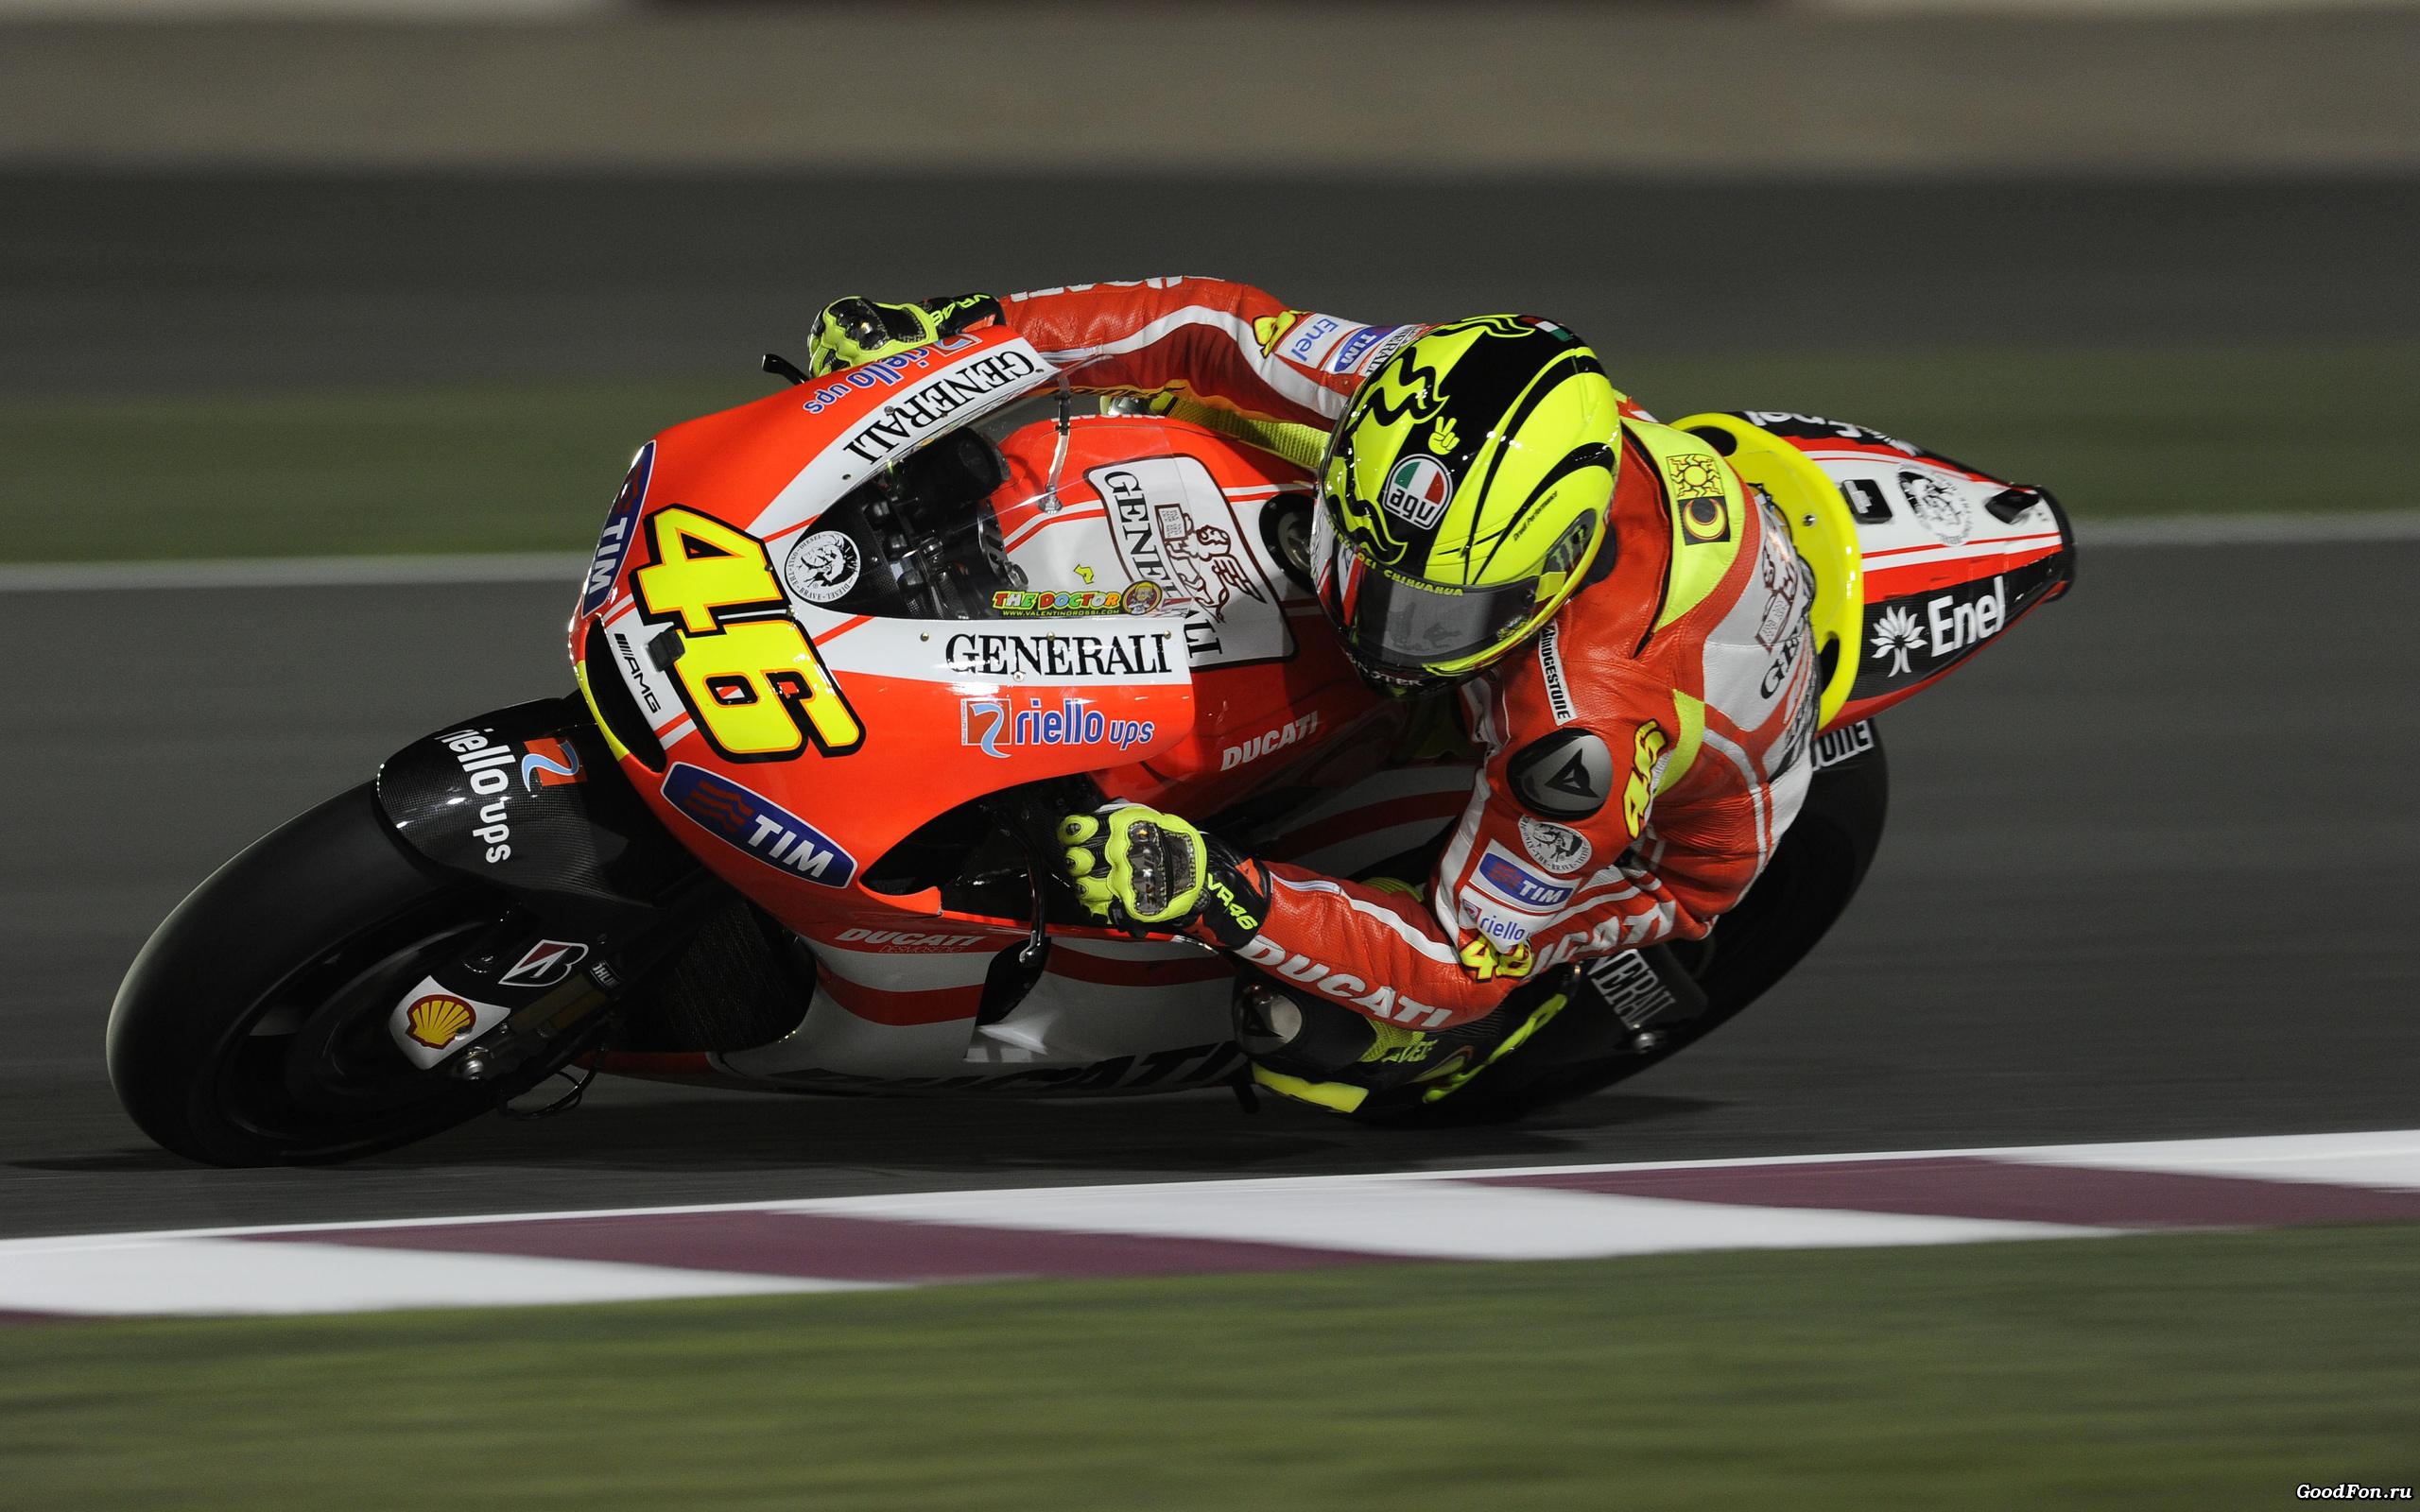 motorcycle valentino rossi motogp race moto bike Wallpapers 2560x1600